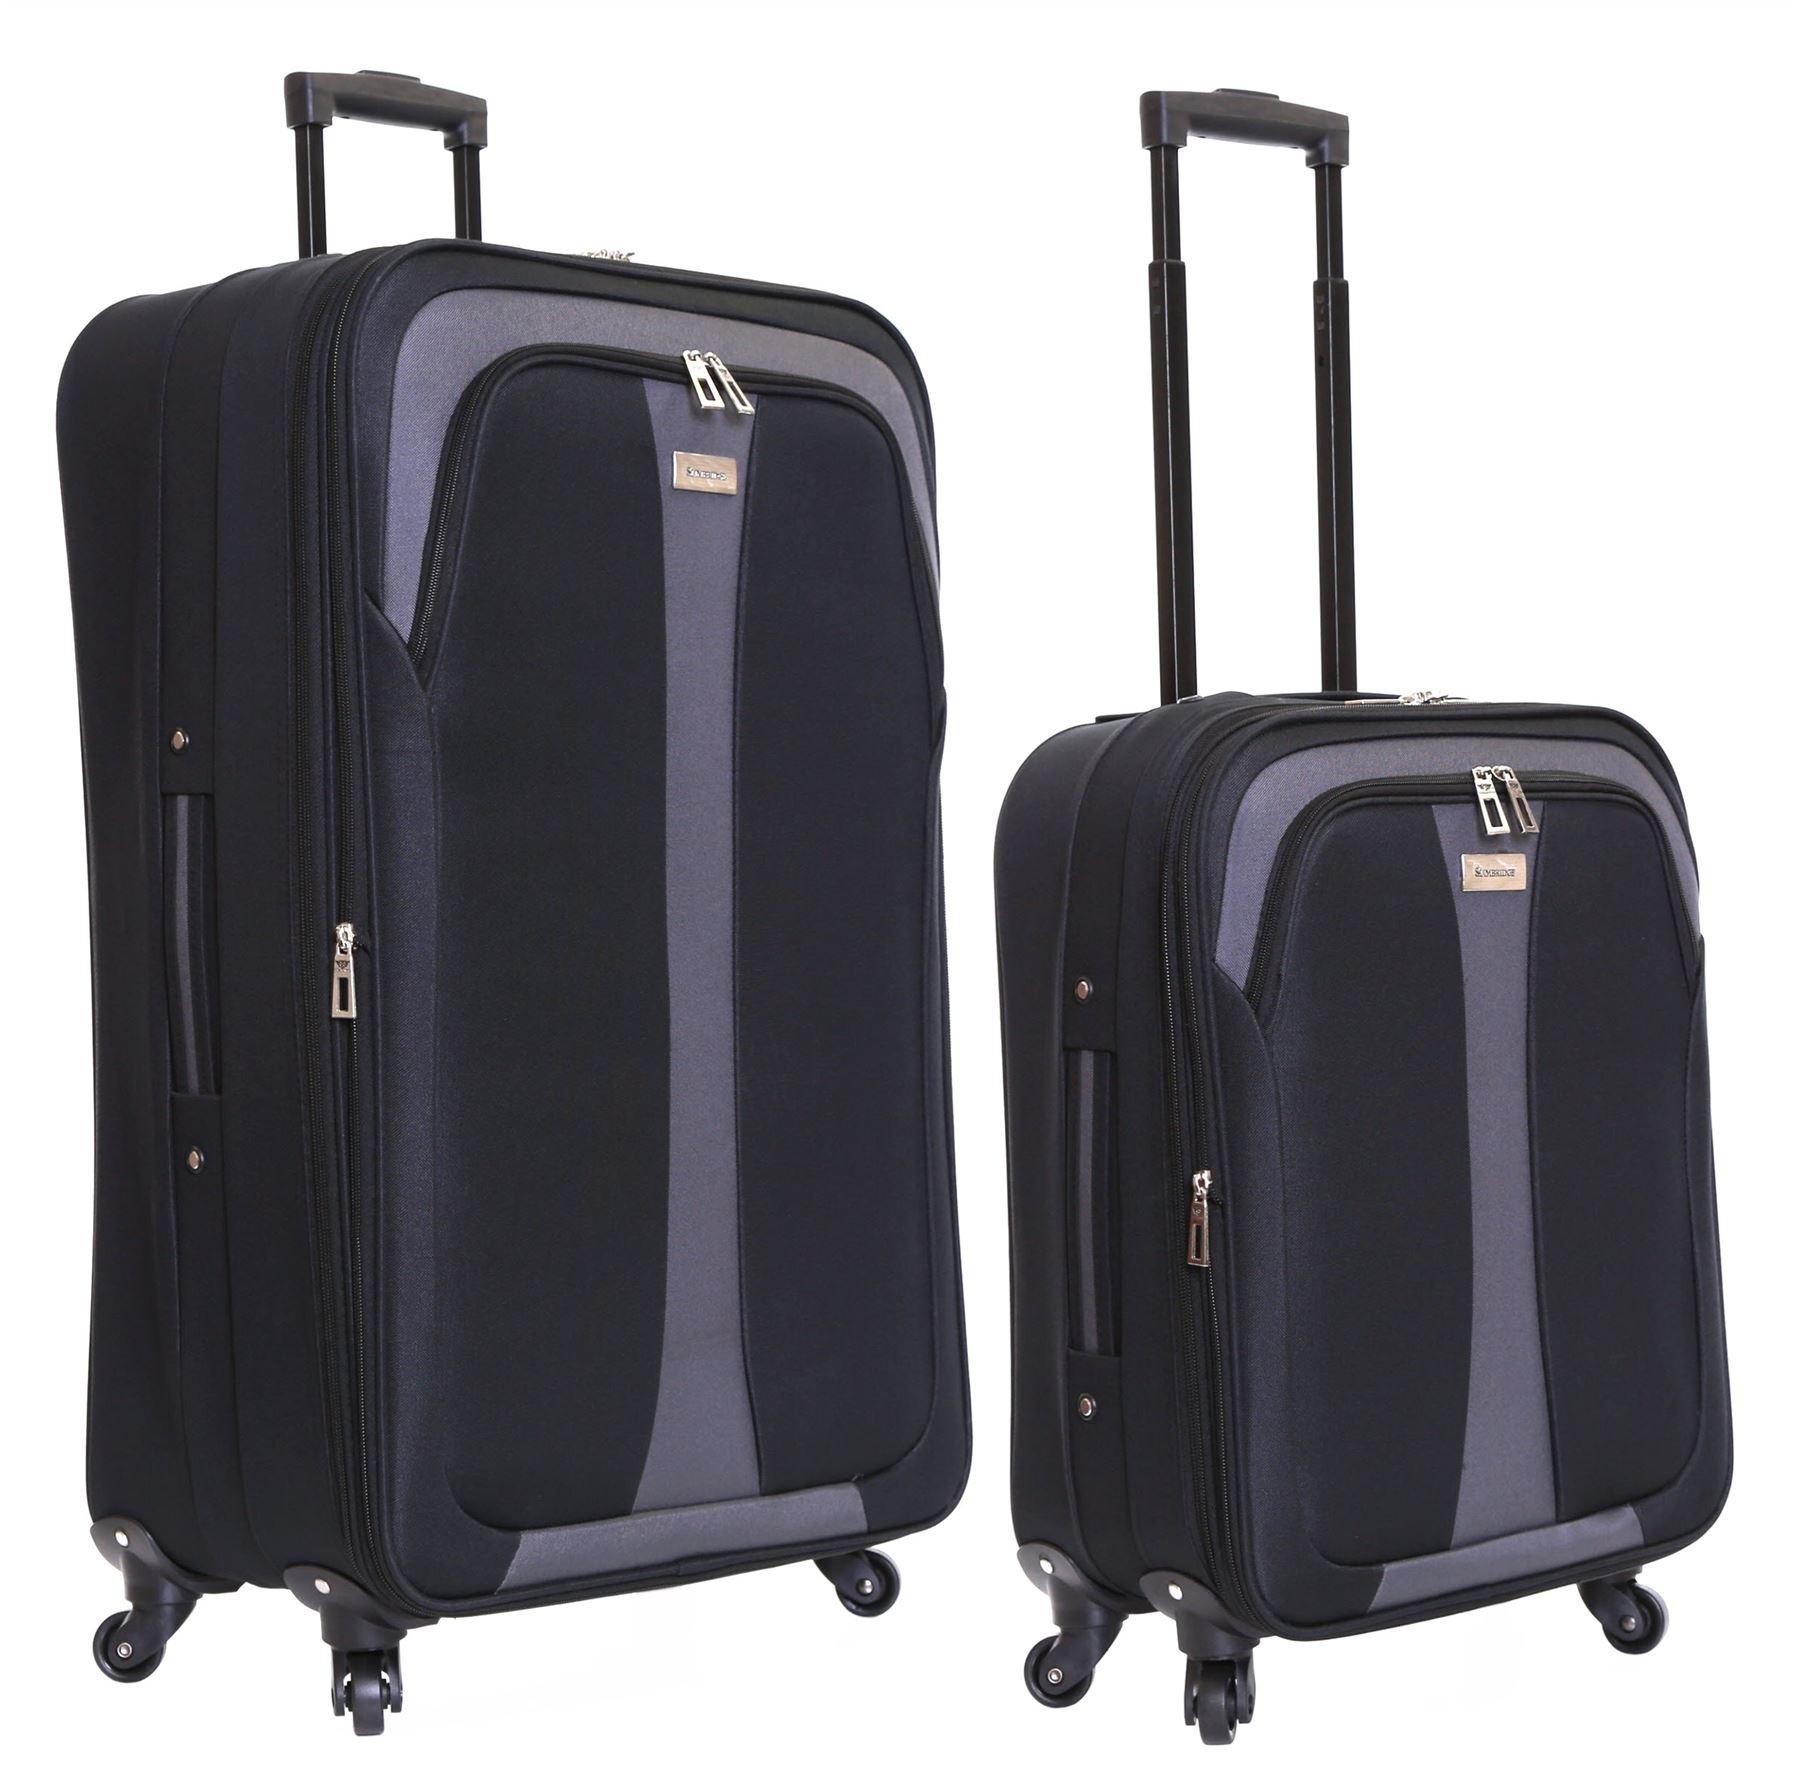 Slimbridge-Leichtgewicht-2er-Koffer-Set-Trolley-Set-Rollkoffer-Reisekoffer-Groe-XL-und-Handgepck-Gepck-Super-Leicht-mit-4-Rollen-Andalucia